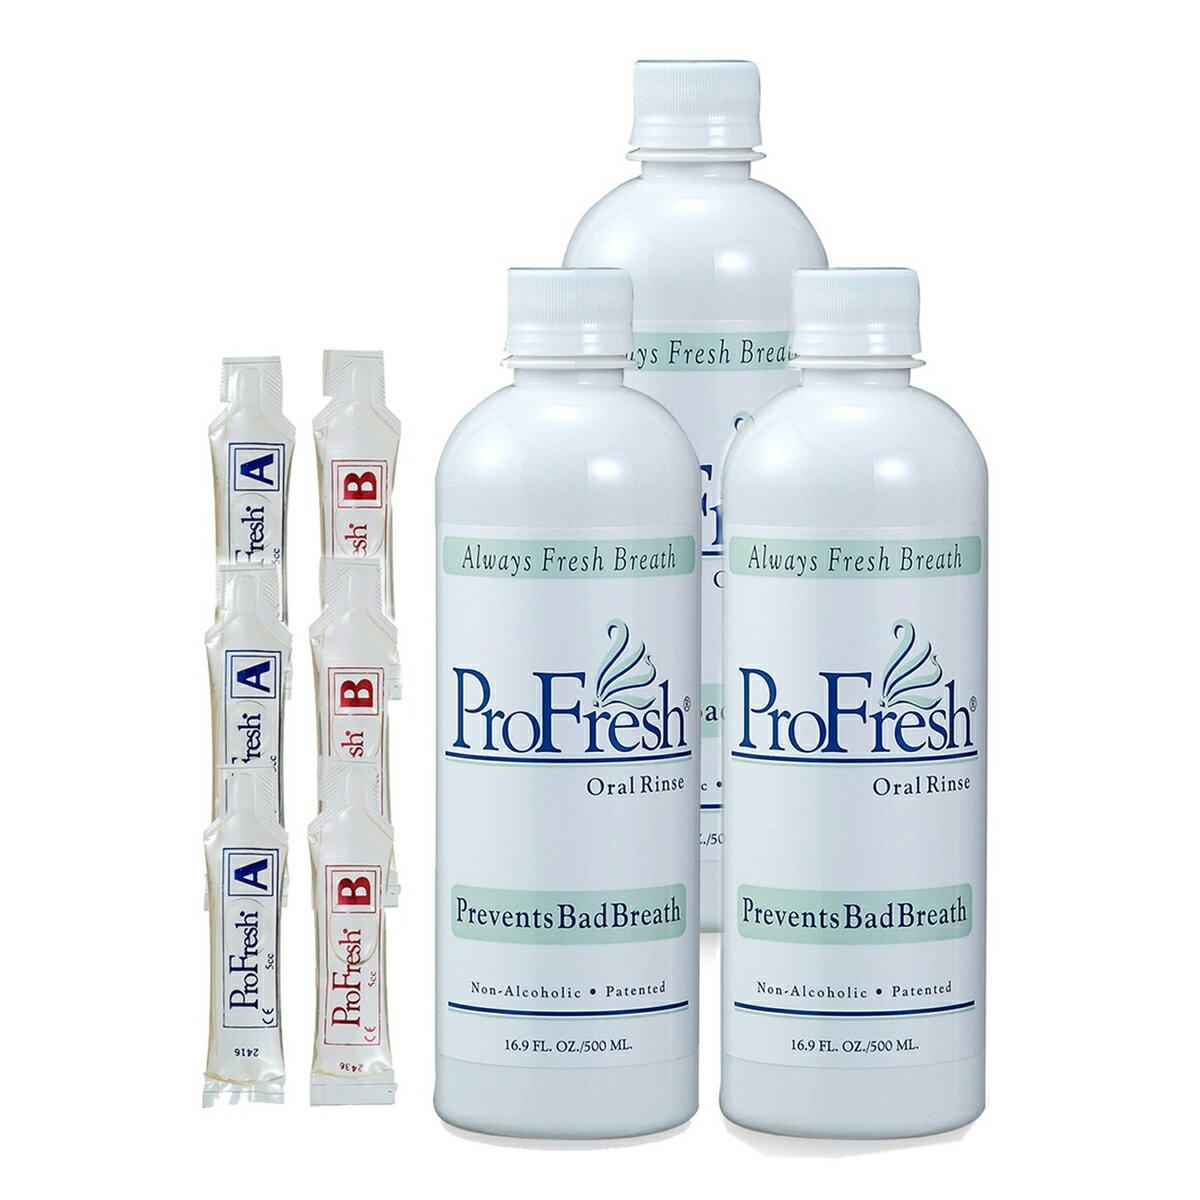 【送料無料】プロフレッシュ オーラルリンス3本セット 長時間口臭予防  PROFRESH 酸素の力で長時間 口臭 予防 30秒間すすいだあと、ブラッシング